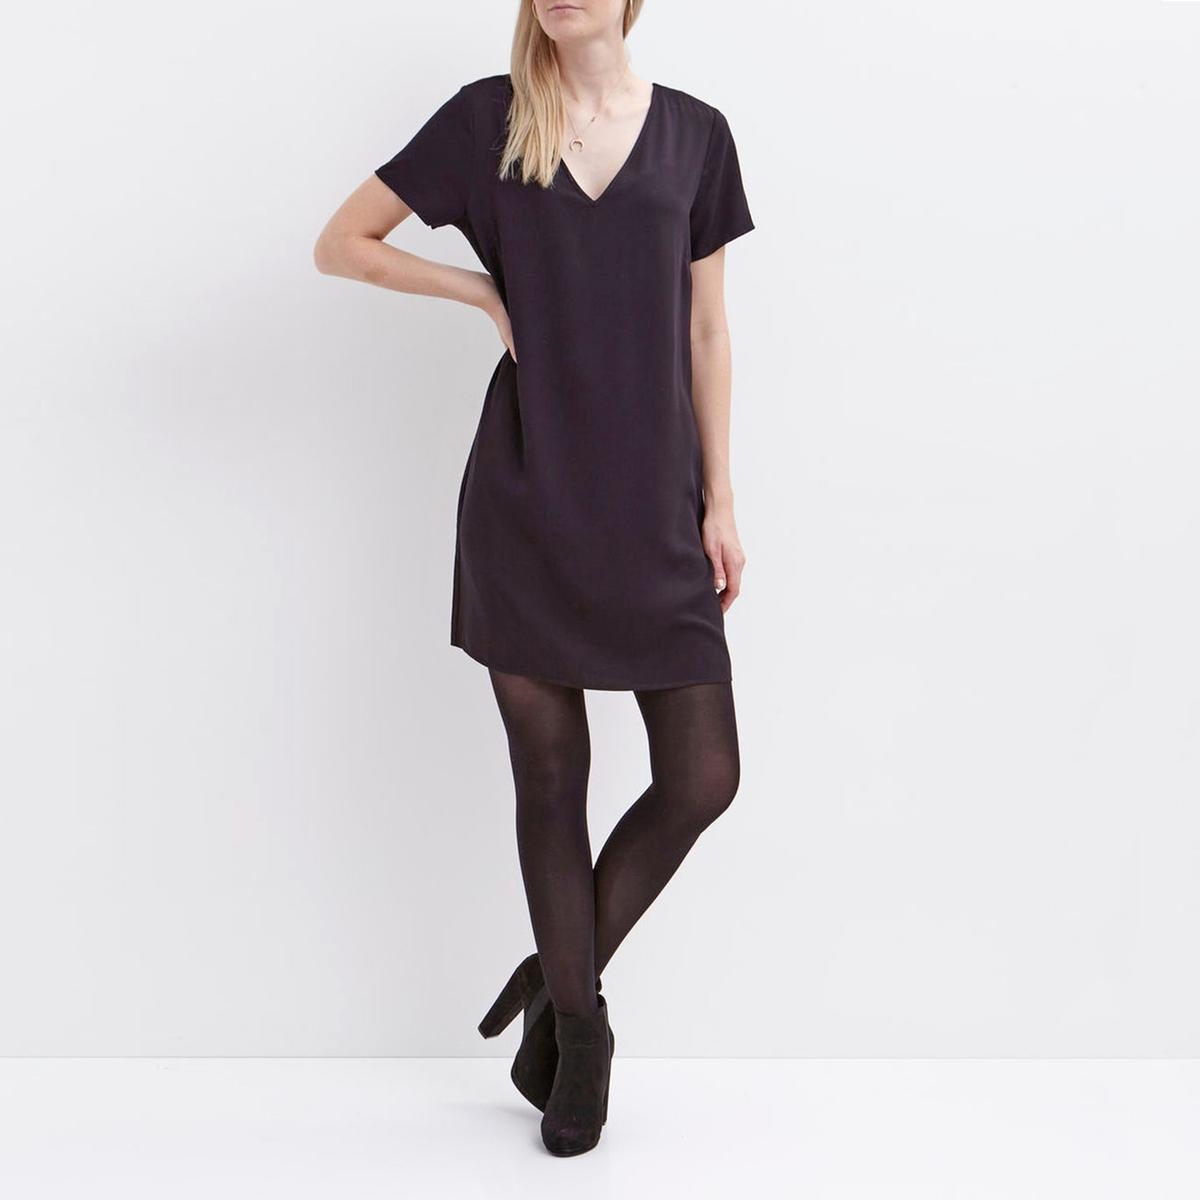 Платье прямое с короткими рукавами и V-образным вырезом сзадиМатериал : 100% вискоза  Длина рукава : короткие рукава  Форма воротника : V-образный вырез Покрой платья : платье прямого покроя    Рисунок : однотонная модель   Длина платья : до колен<br><br>Цвет: черный<br>Размер: M